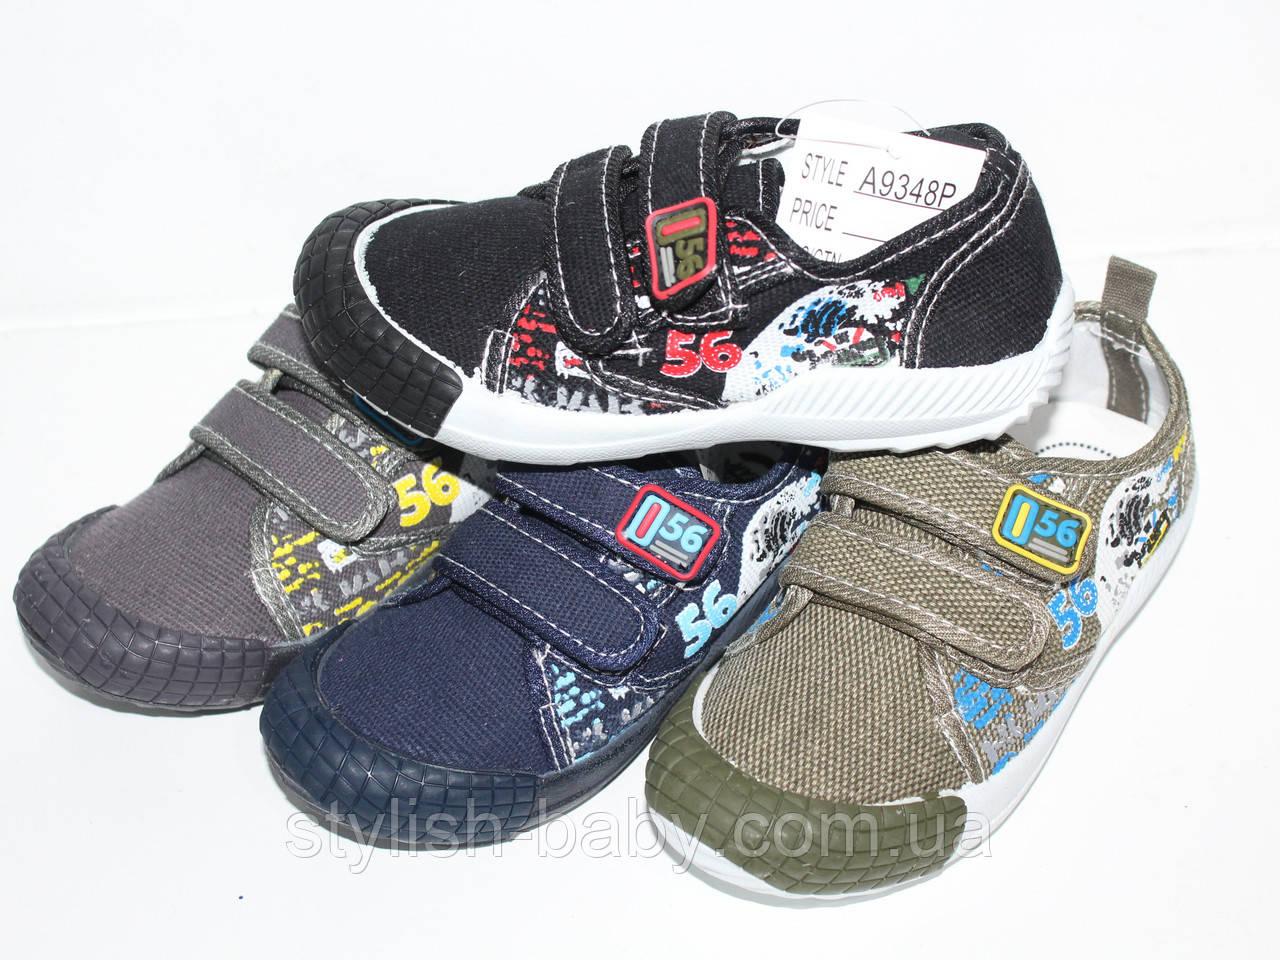 9e1fae63b Детская обувь оптом. Детские кеды бренда Super Gear для мальчиков (рр. с 26  по 31), цена 92 грн., купить в Одессе — Prom.ua (ID#468023729)